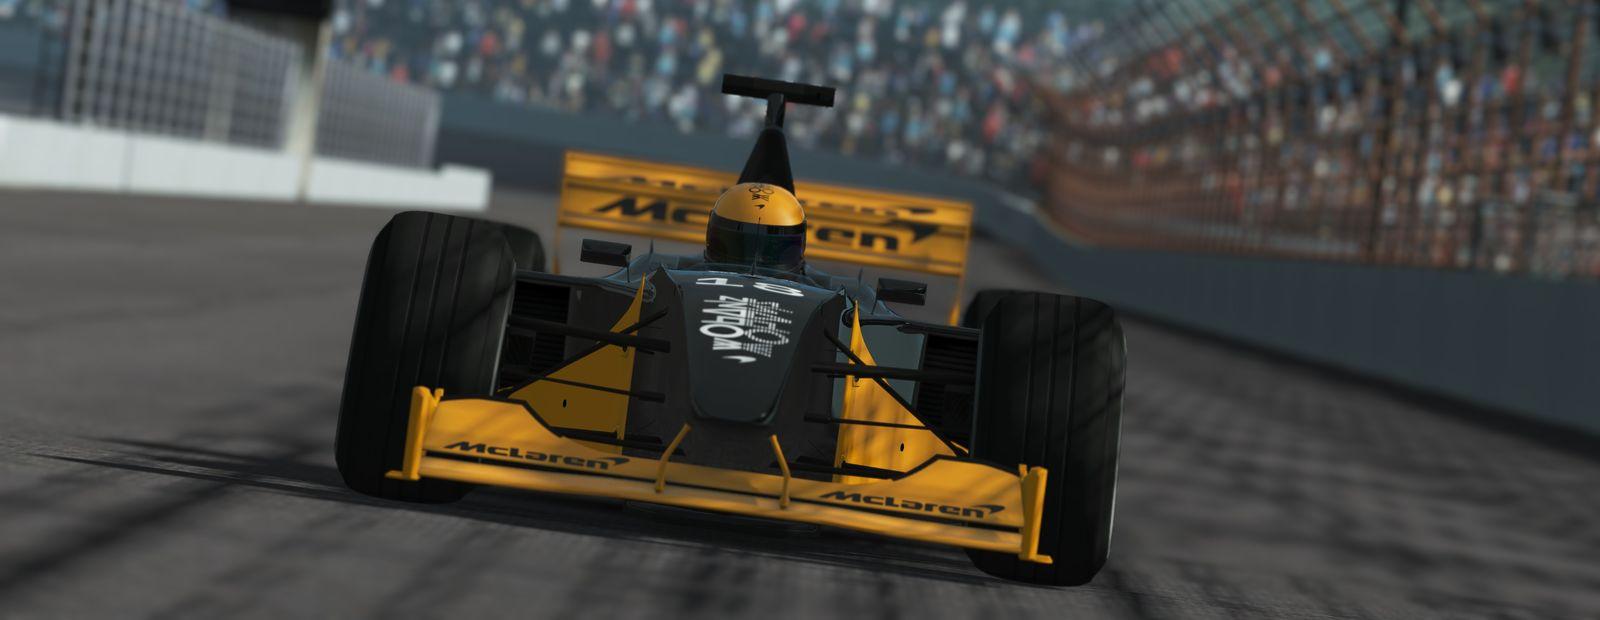 McLaren Racing - McLaren Shadow qualifying: LIVE